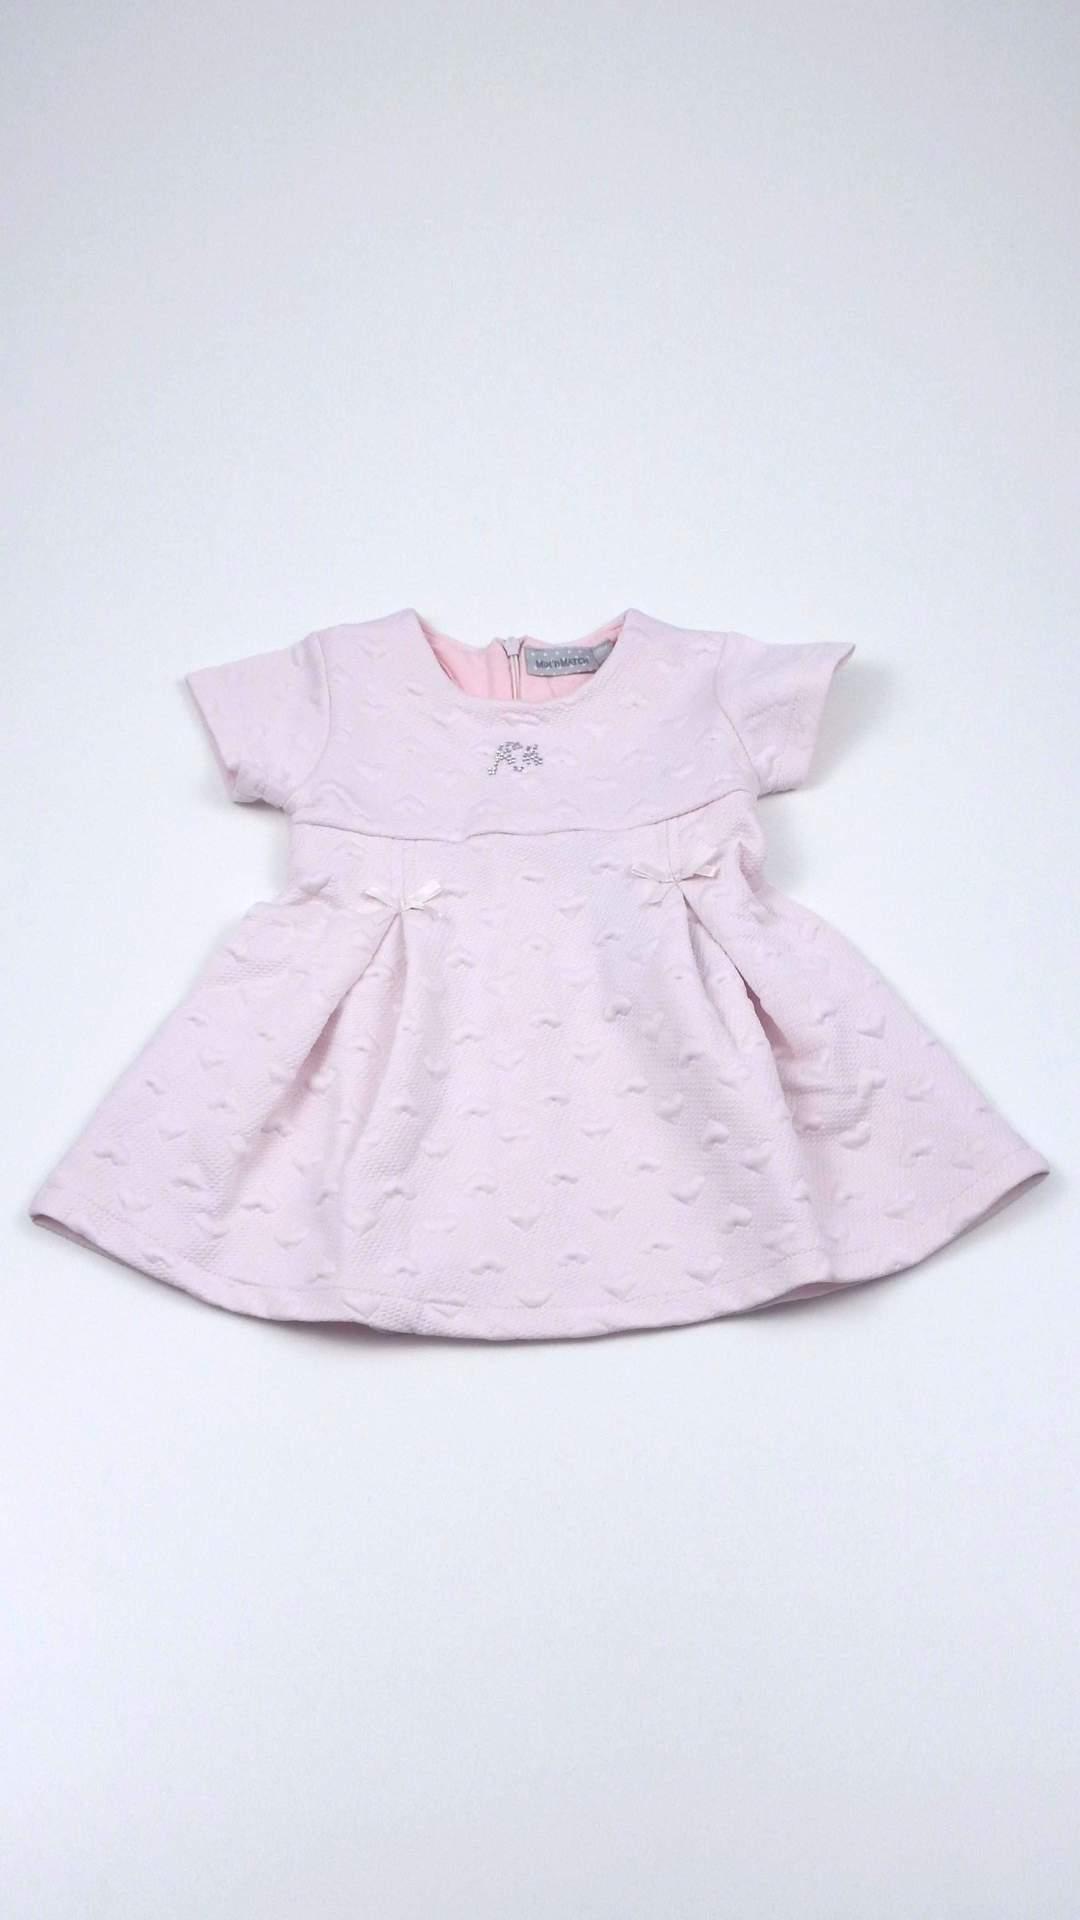 Abito Neonata Bolle di Sapone - Abbigliamento Neonati Bolle di Sapone 6b431bc8060